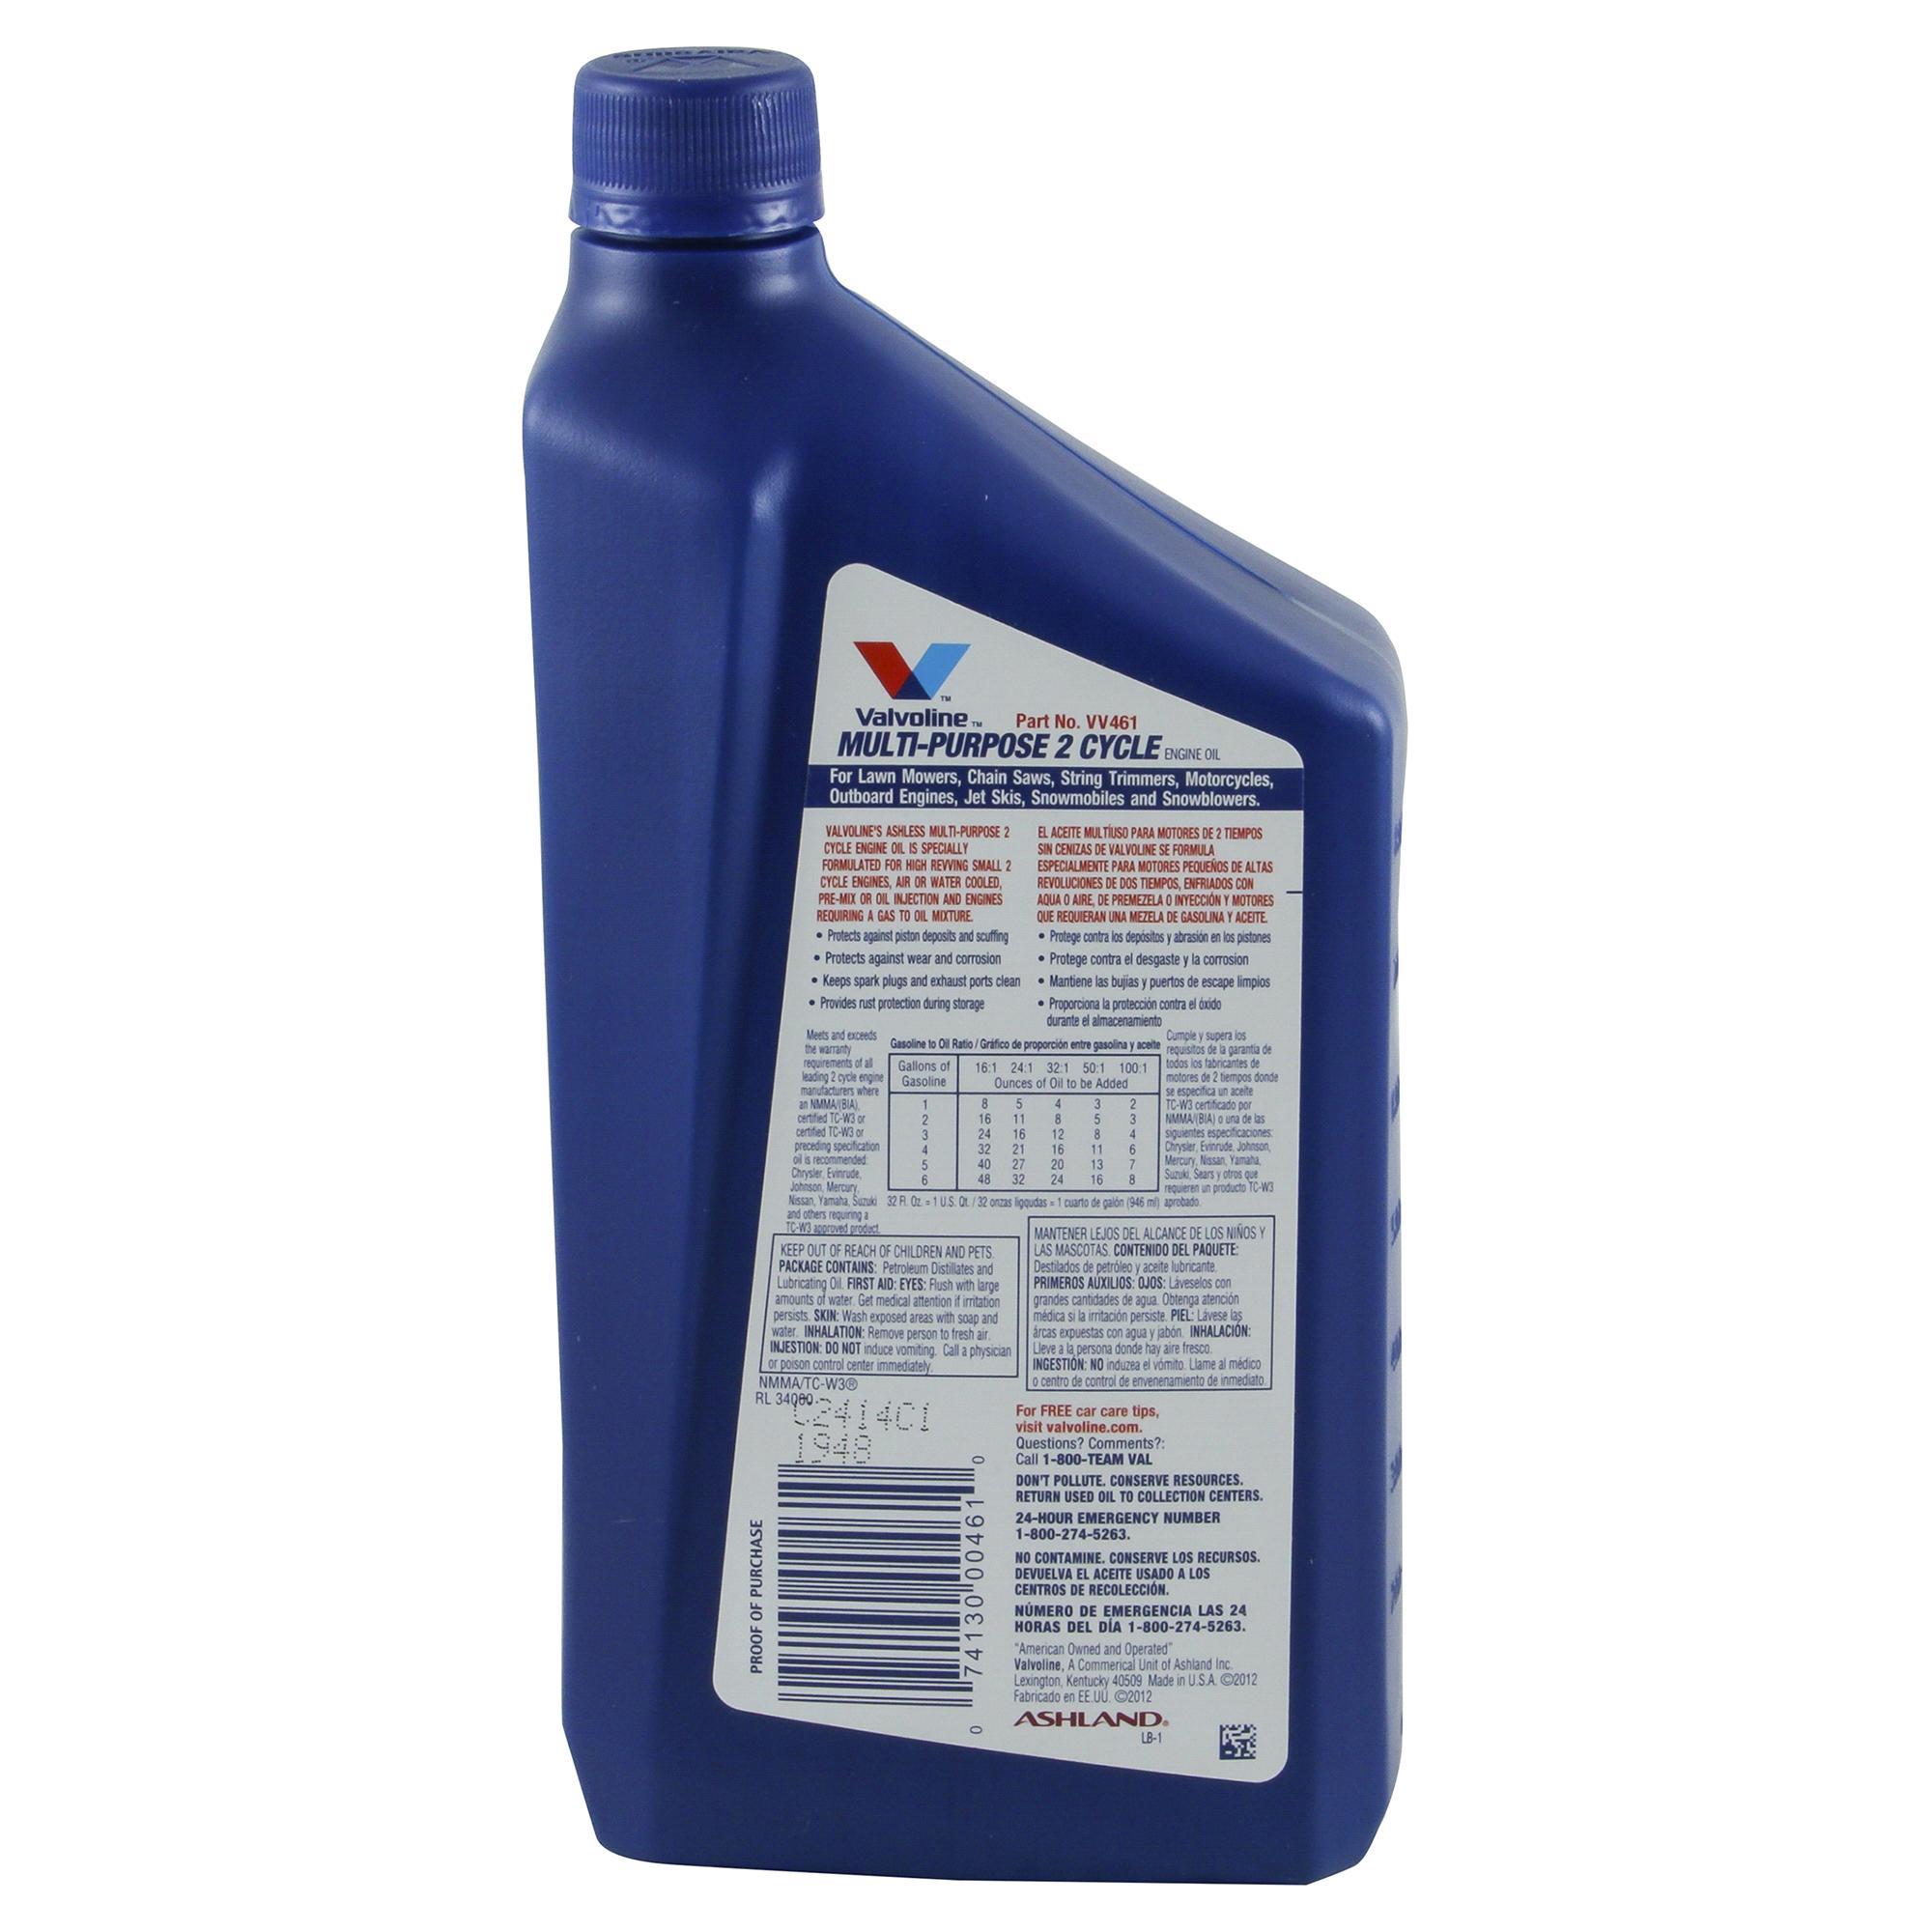 Valvoline Multipurpose 2 Cycle Oil Quart